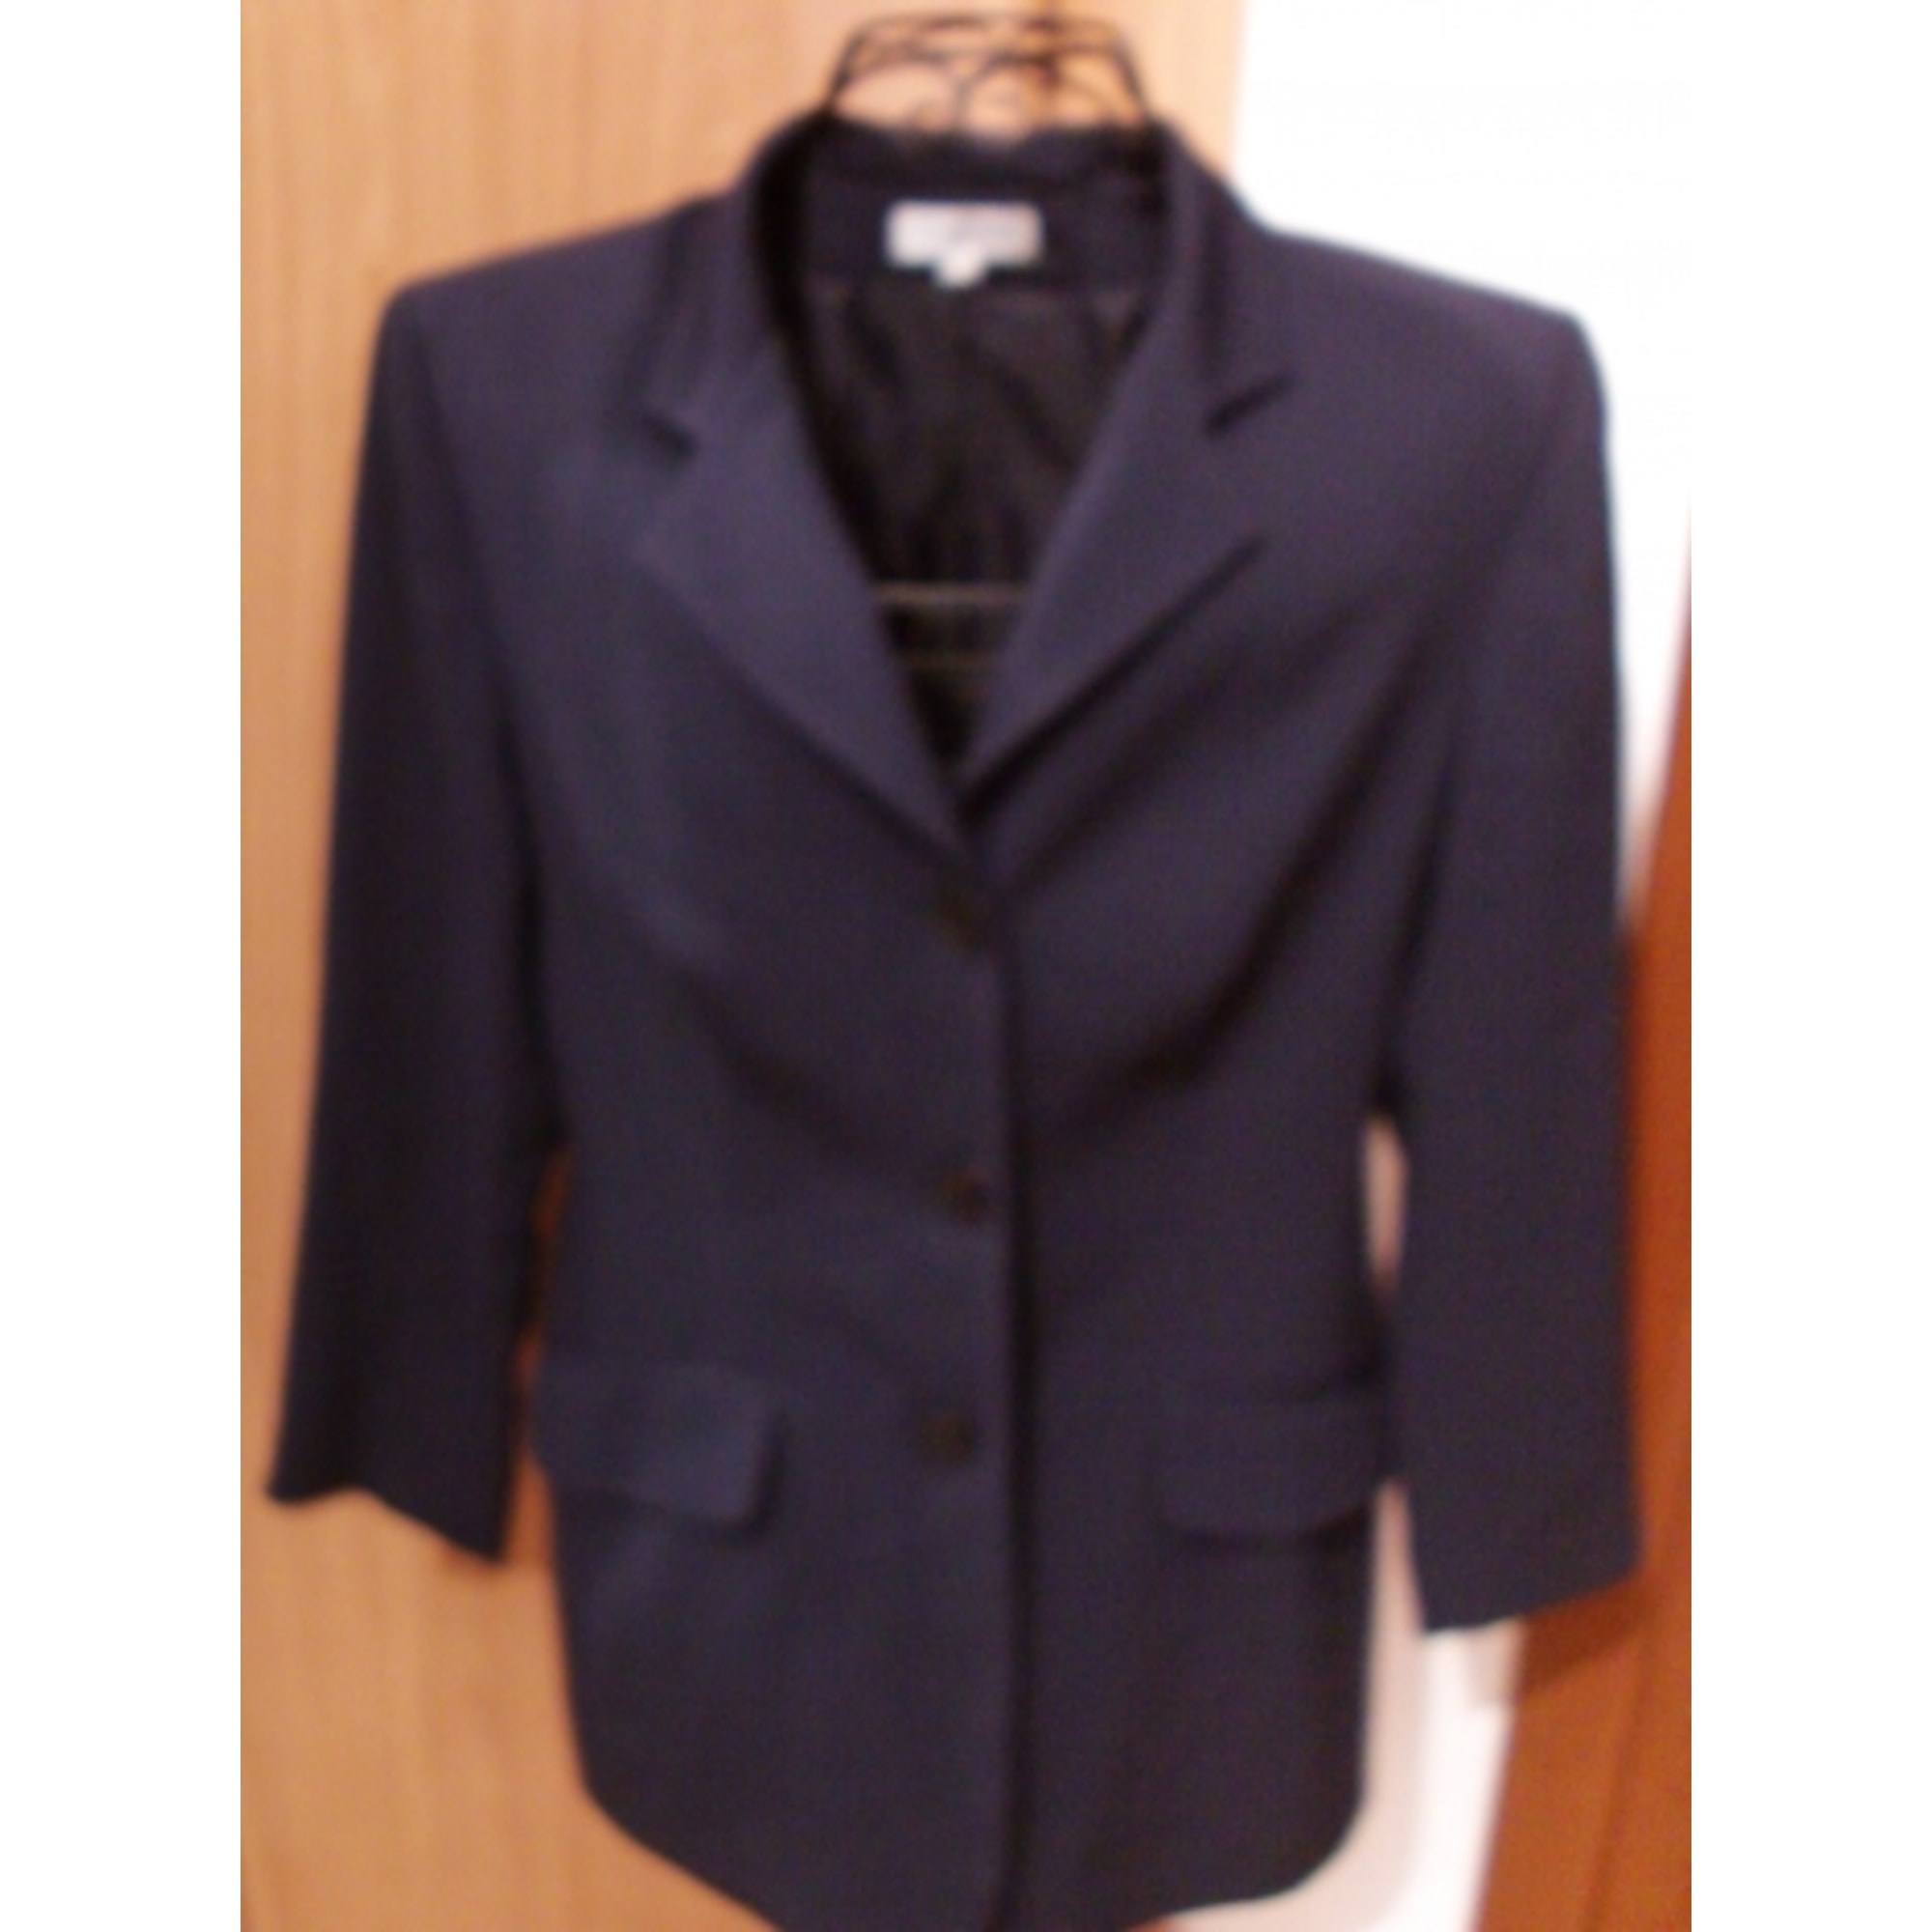 Marine Tailleur Bleu Gerard Veste Tirant Darel 42 lxl T4 Blazer x0fwHq8SWW